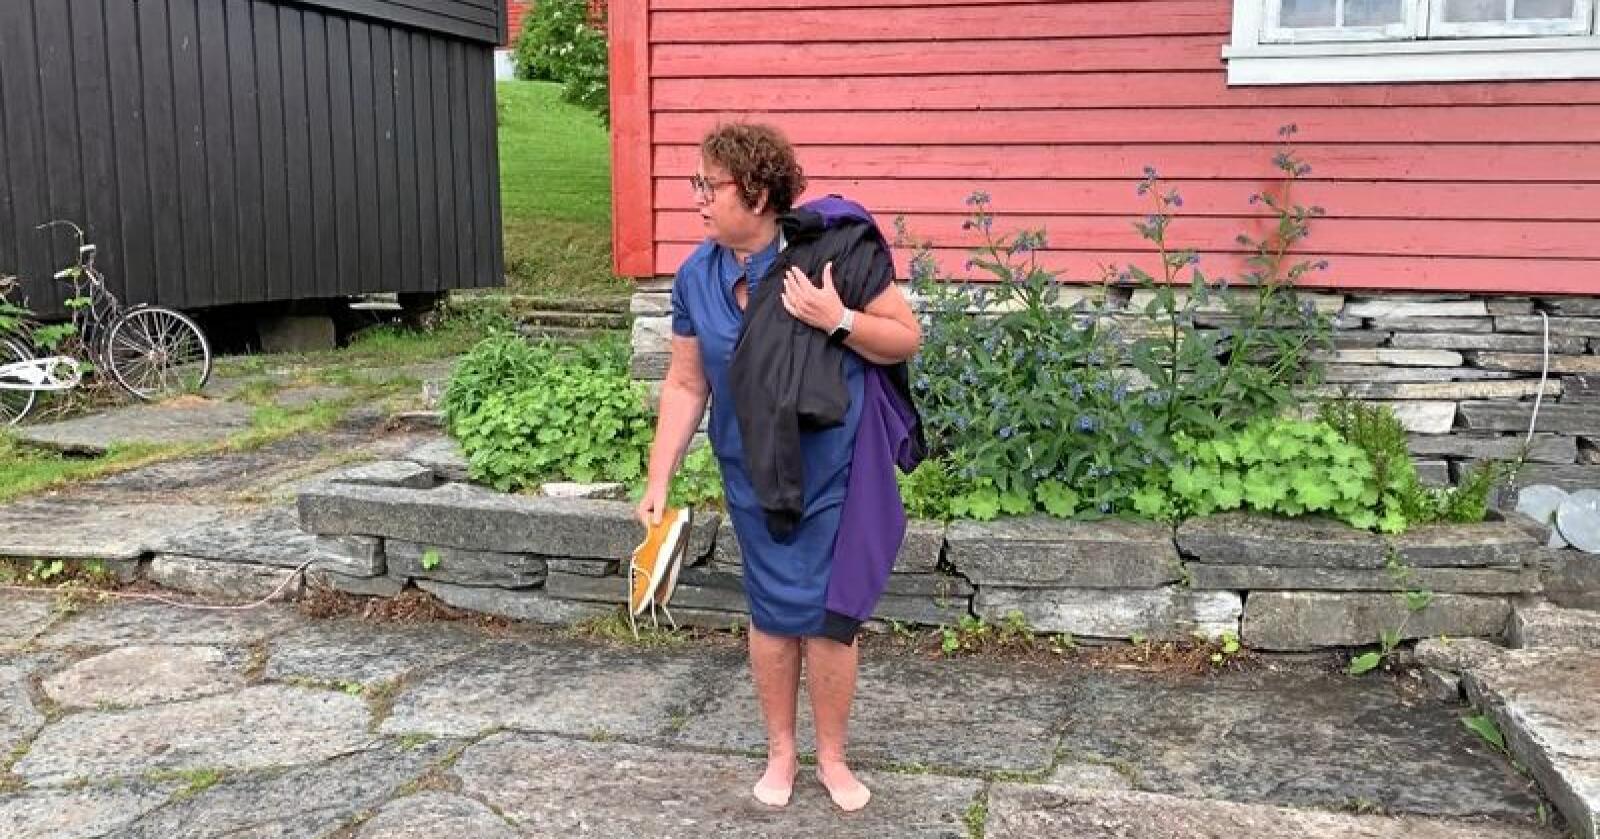 Olaug Bollestad. Foto: Kari Nygård Tvilde